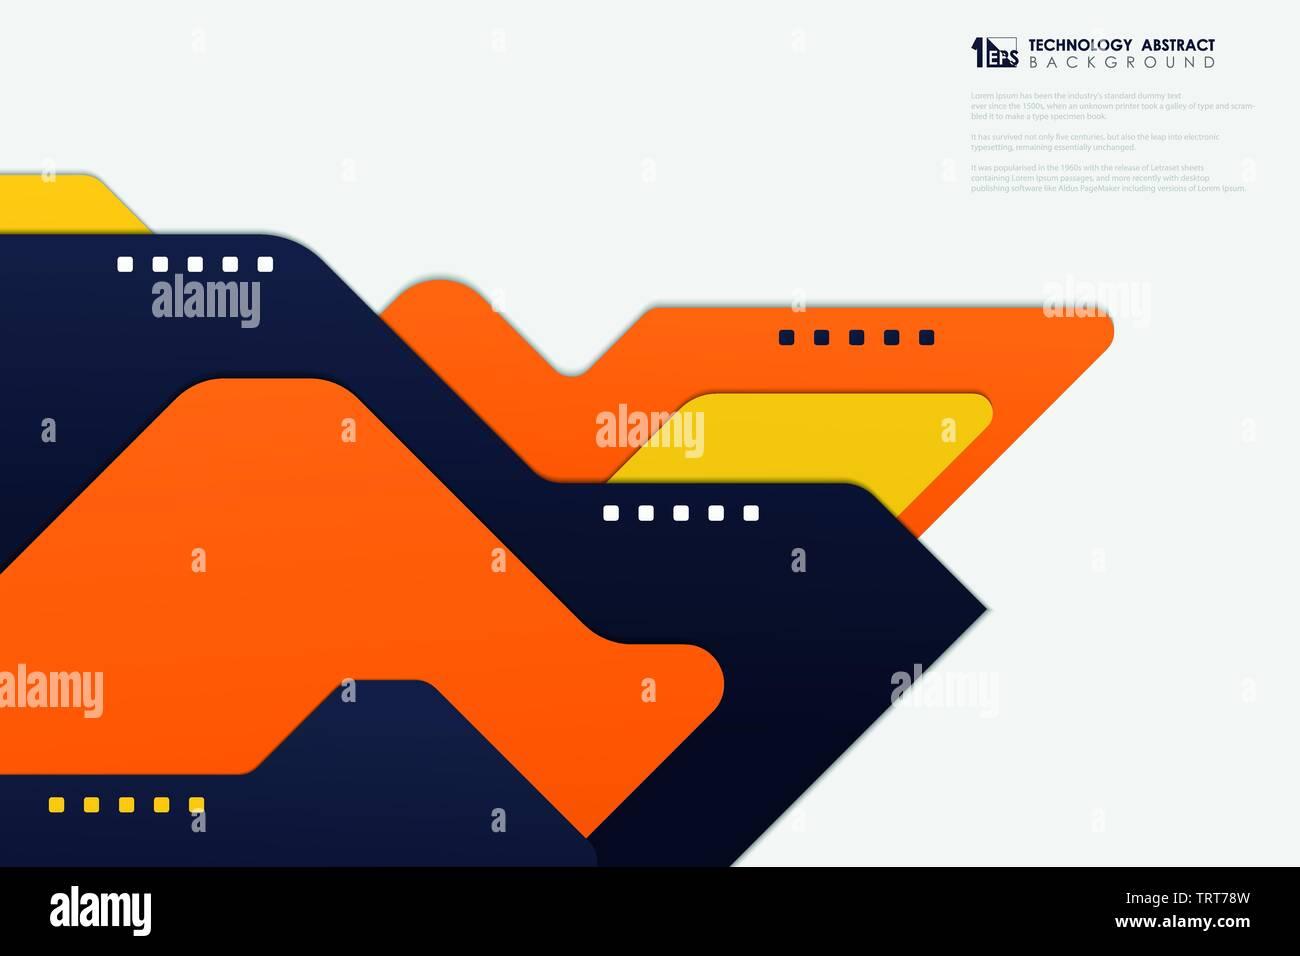 Abstract deco modello moderno di design tecnologia su sfondo bianco. È possibile utilizzare per inserzione, poster, d'arte e progettazione del modello, presentazione progetto ad. Immagini Stock